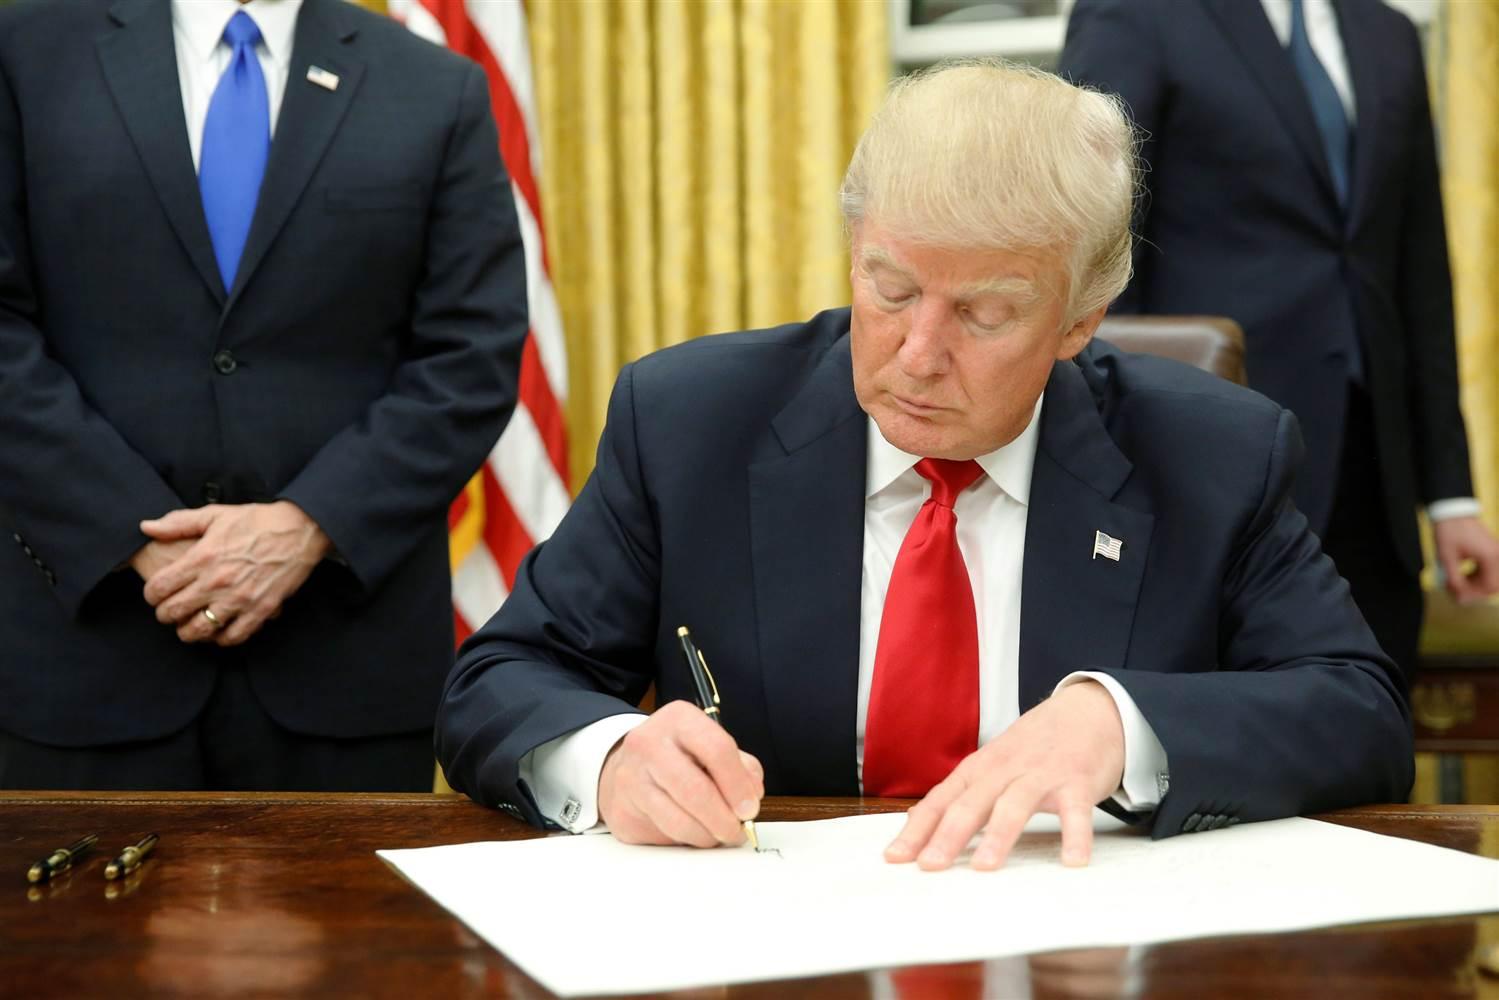 Donald Trump aláírja a törvényt az Oroszország, Irán és Észak-Korea elleni szankciókról